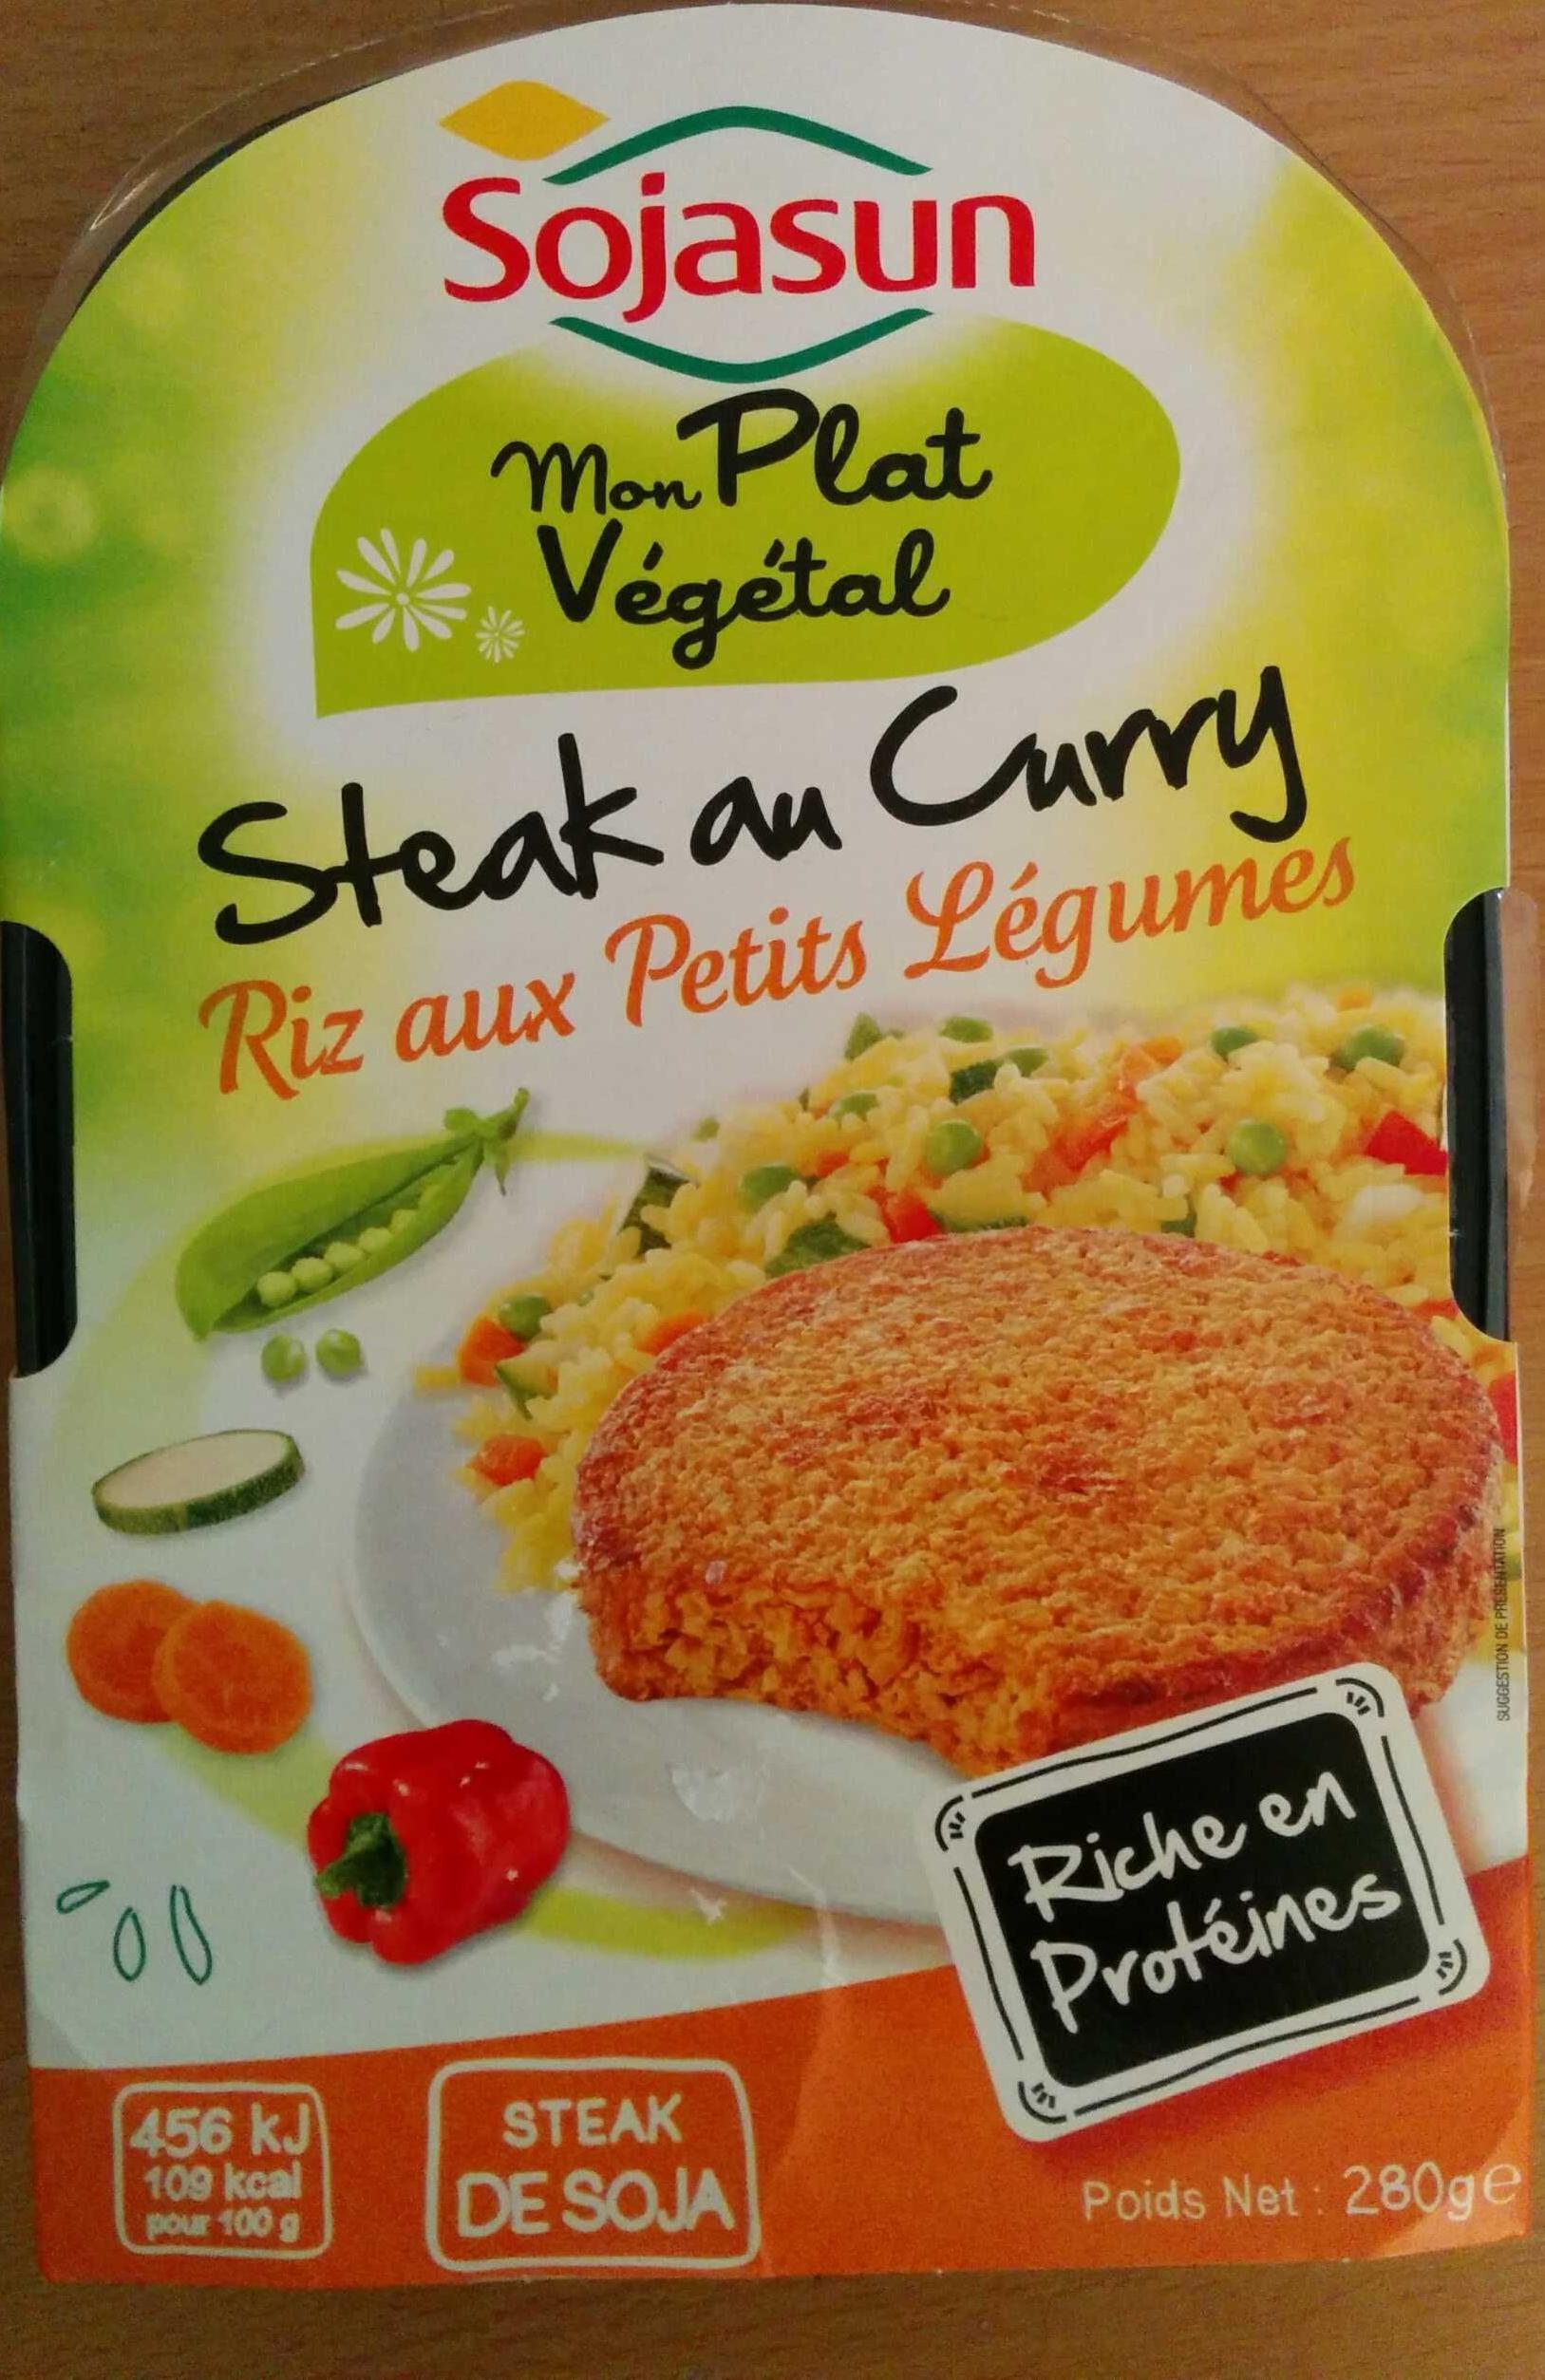 Steak de soja au curry, riz aux petits légumes - Produit